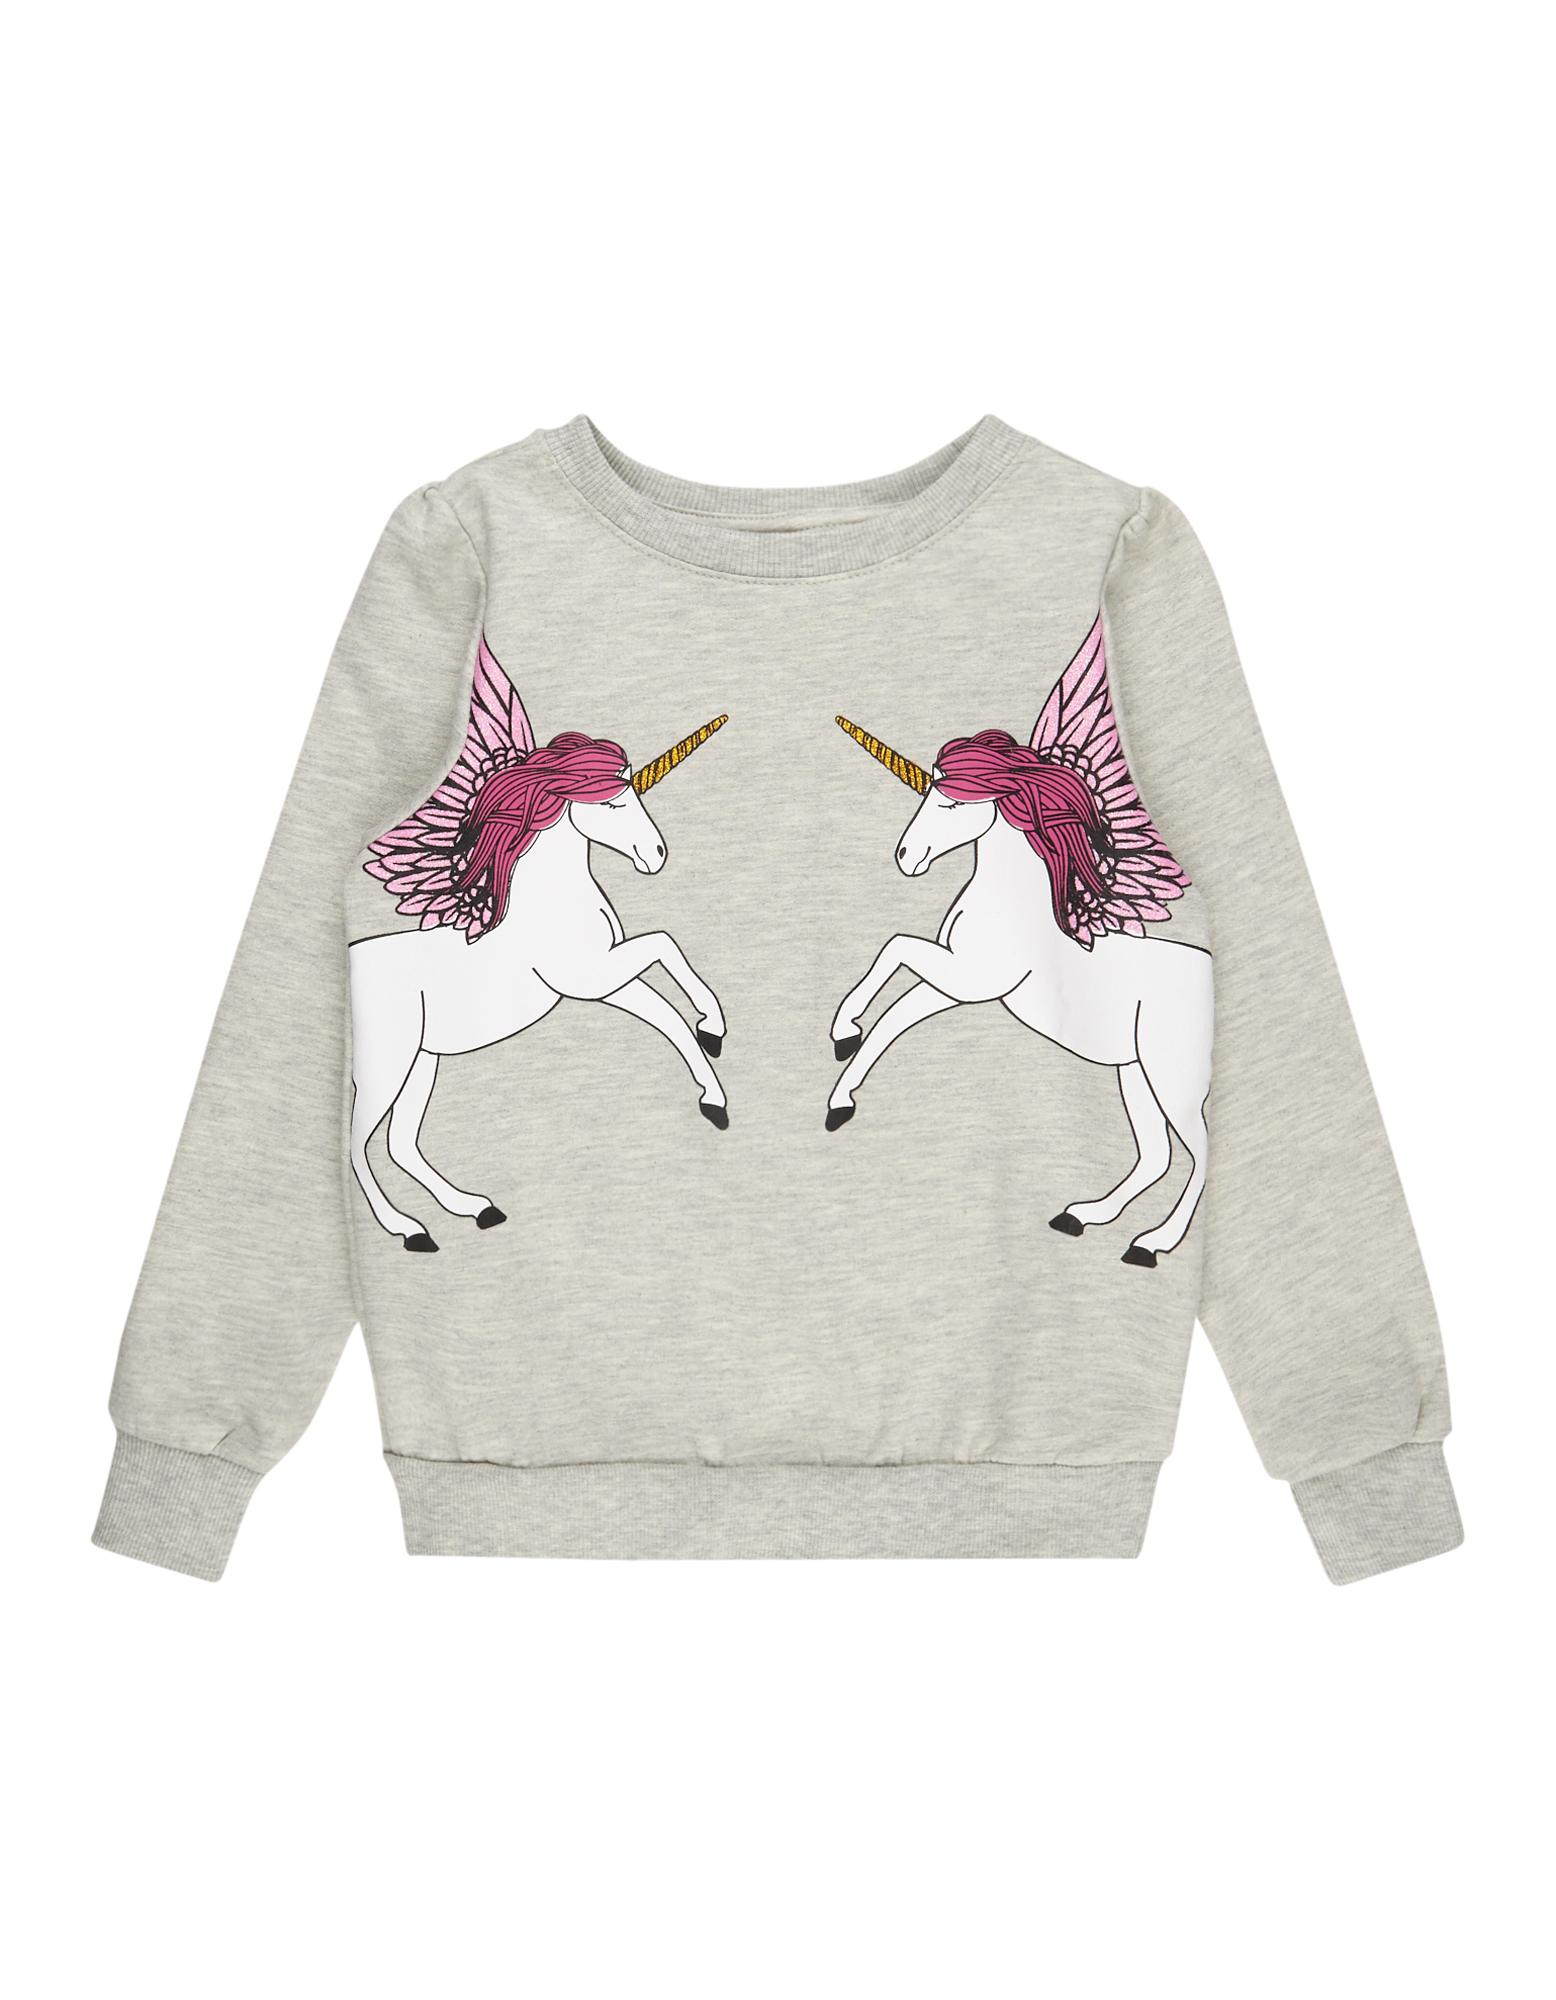 Mädchen Sweatshirt mit Einhorn-Print  | 81487261270406